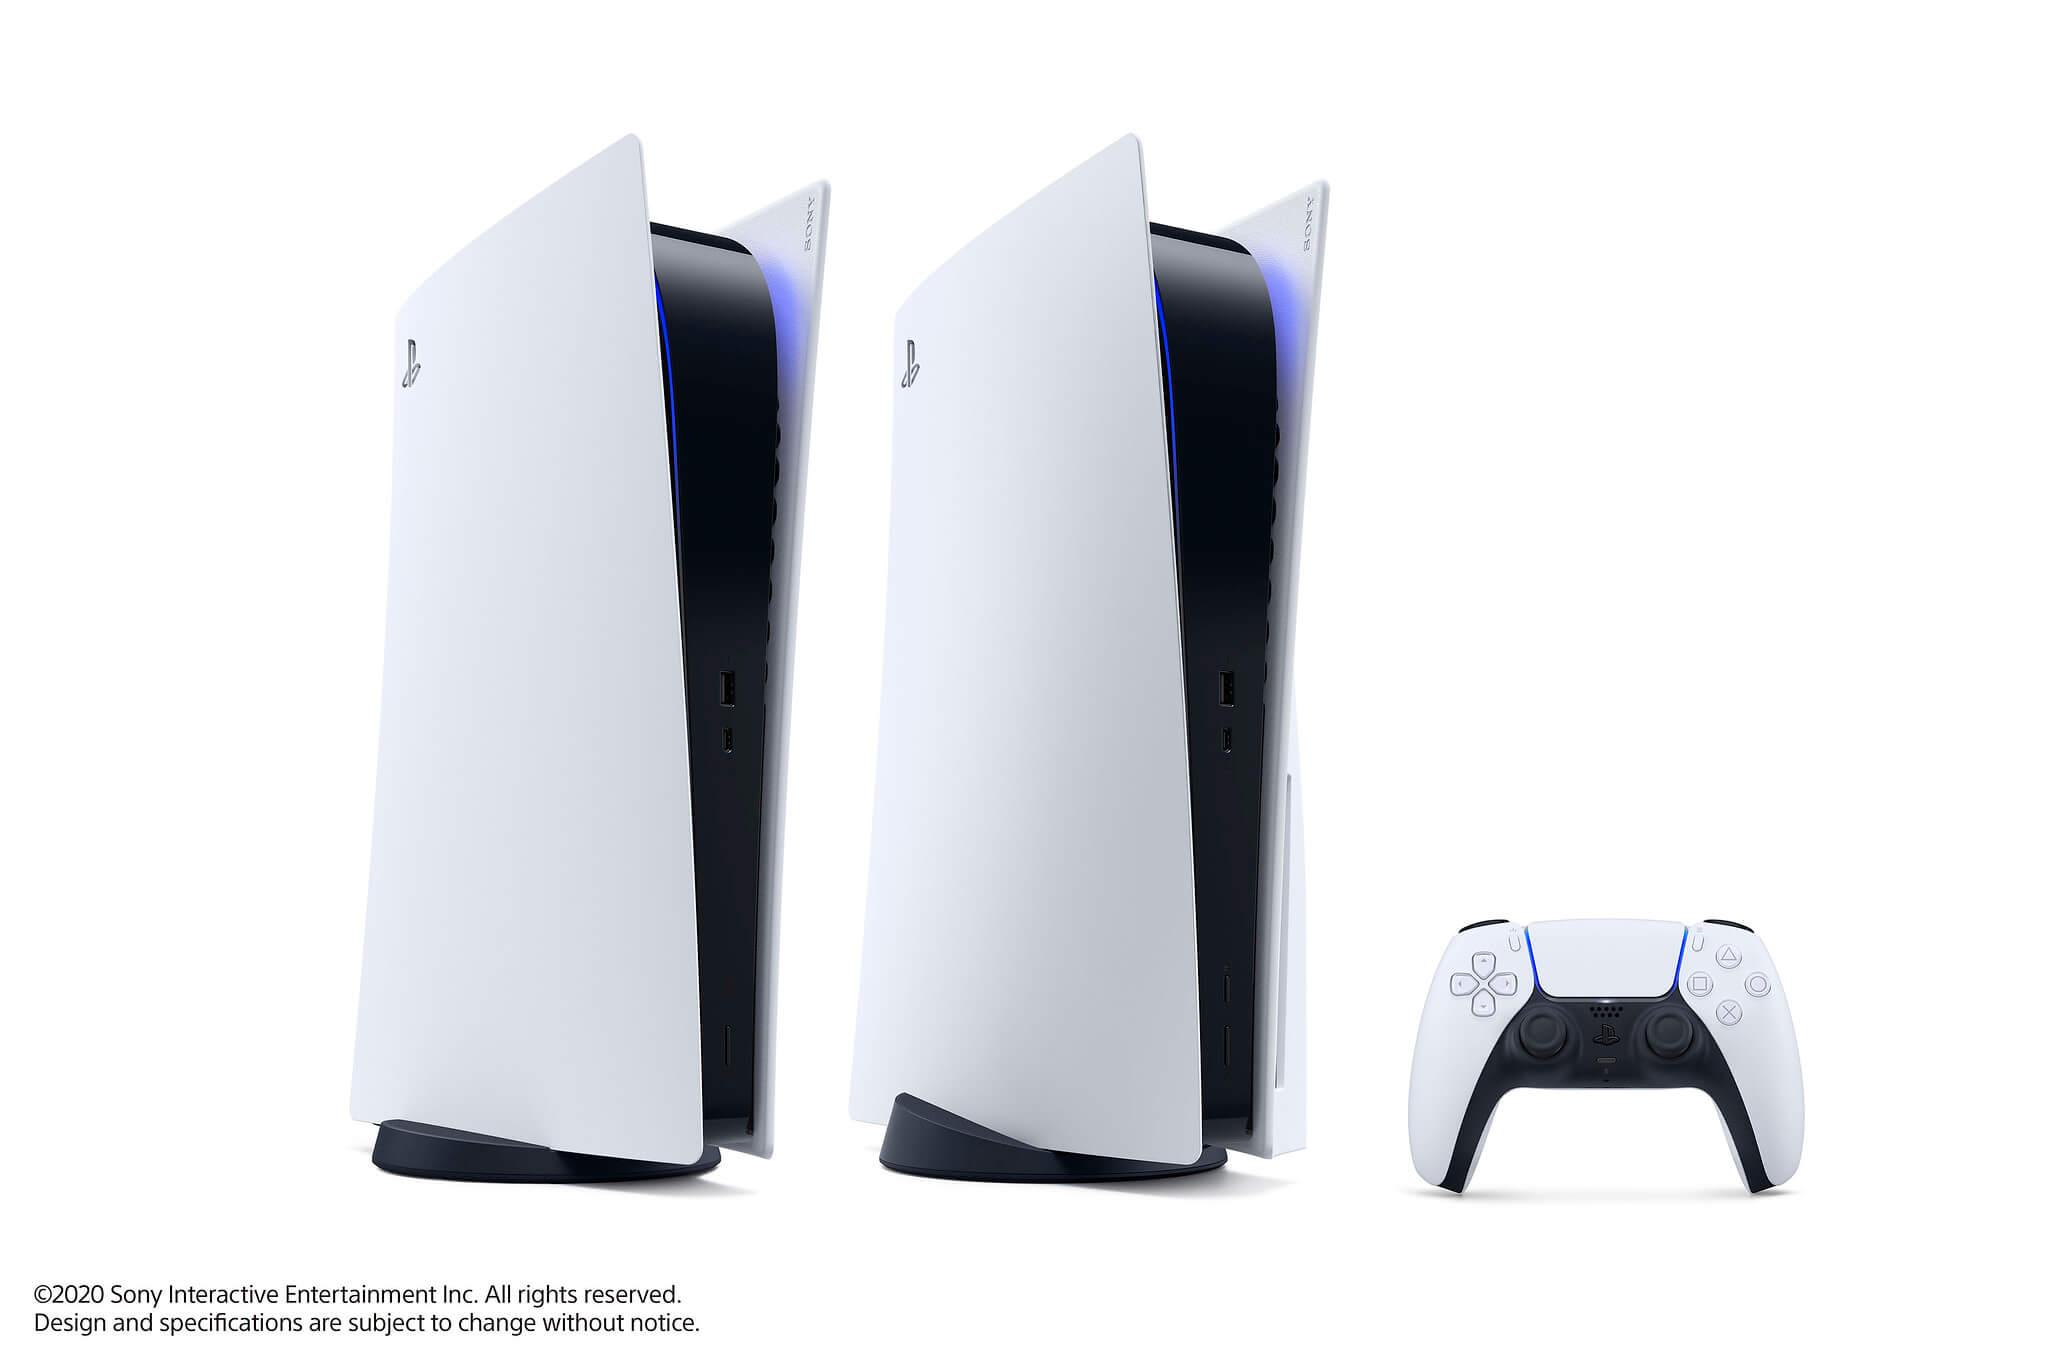 Das Design der PlayStation5 elegant in weiß und schwarz gehalten.